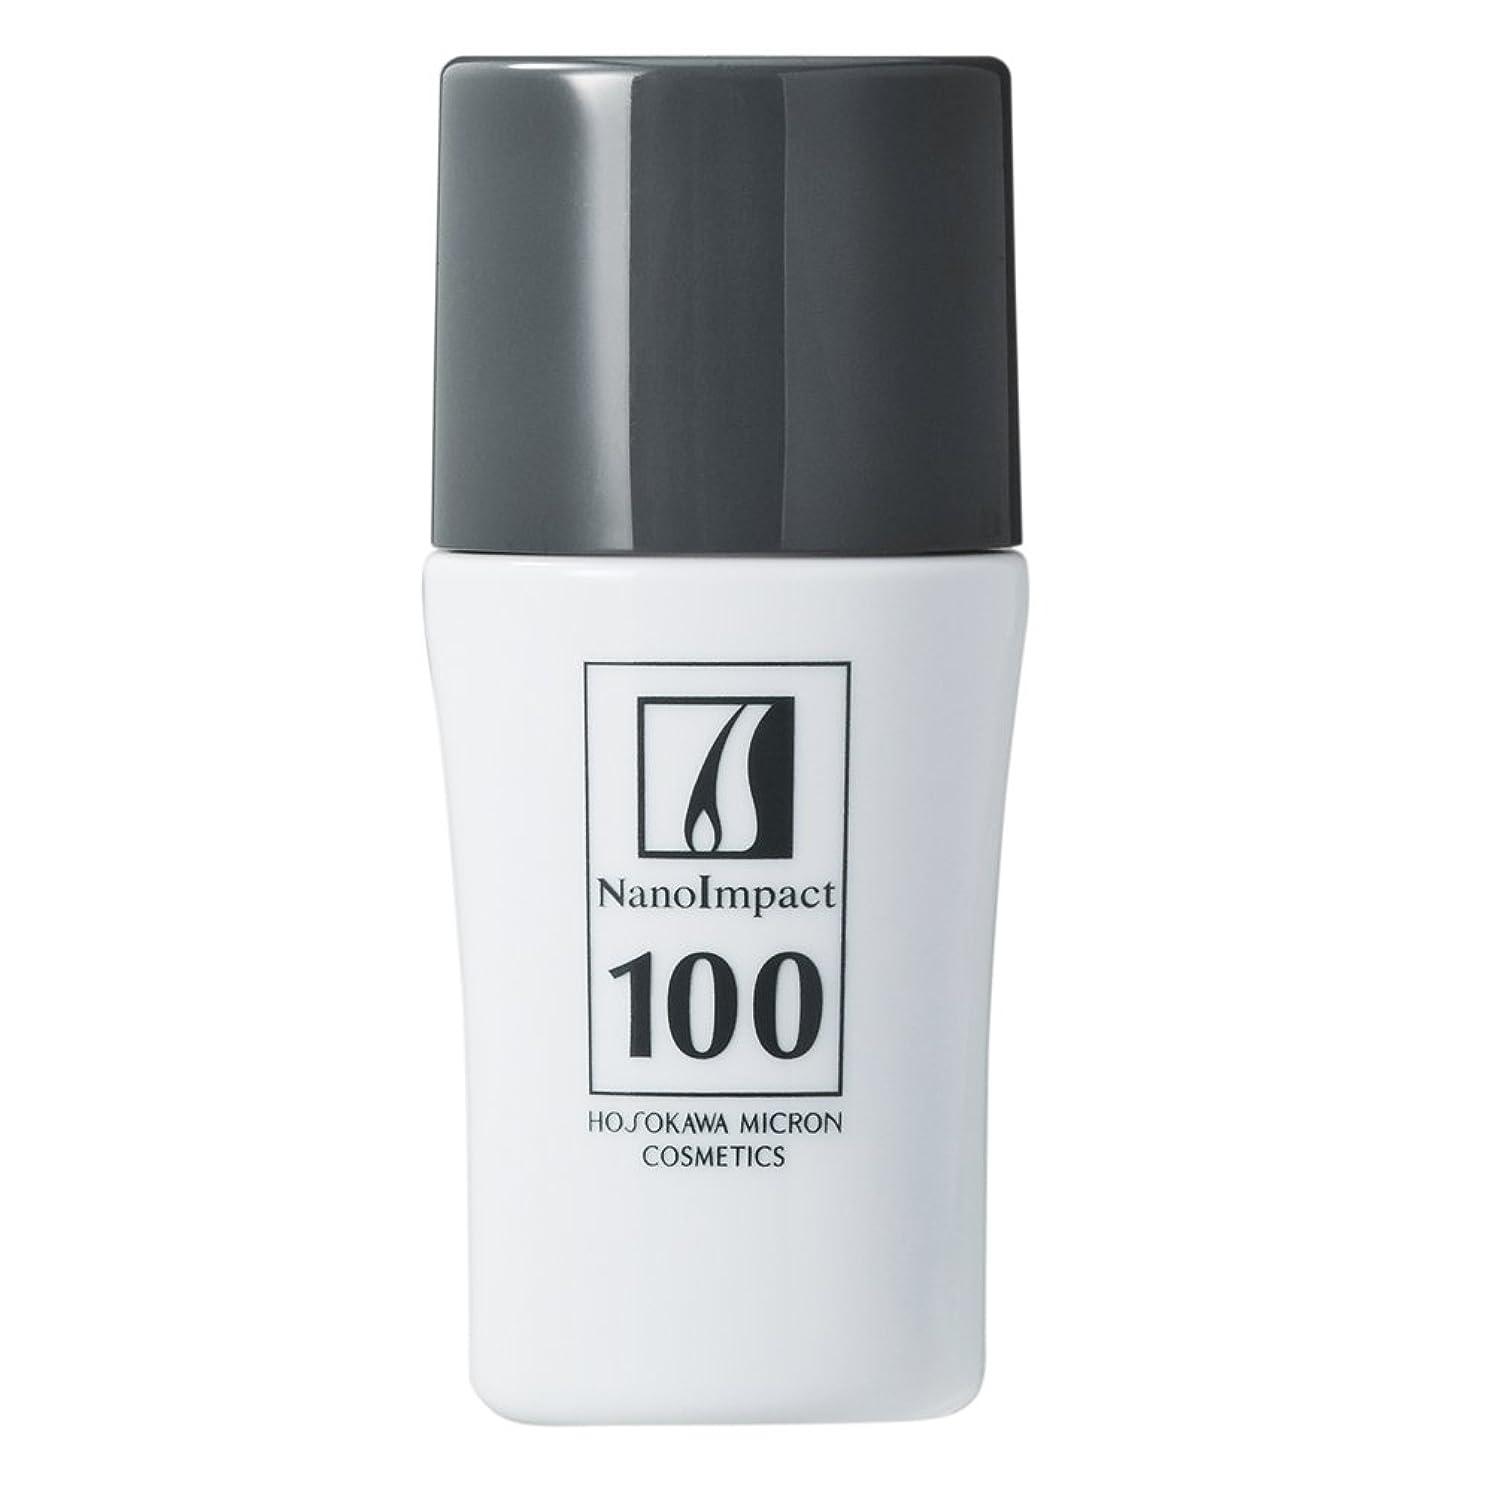 間欠元気泥だらけホソカワミクロン化粧品 薬用ナノインパクト 100<60ml> 【医薬部外品/薬用育毛剤】